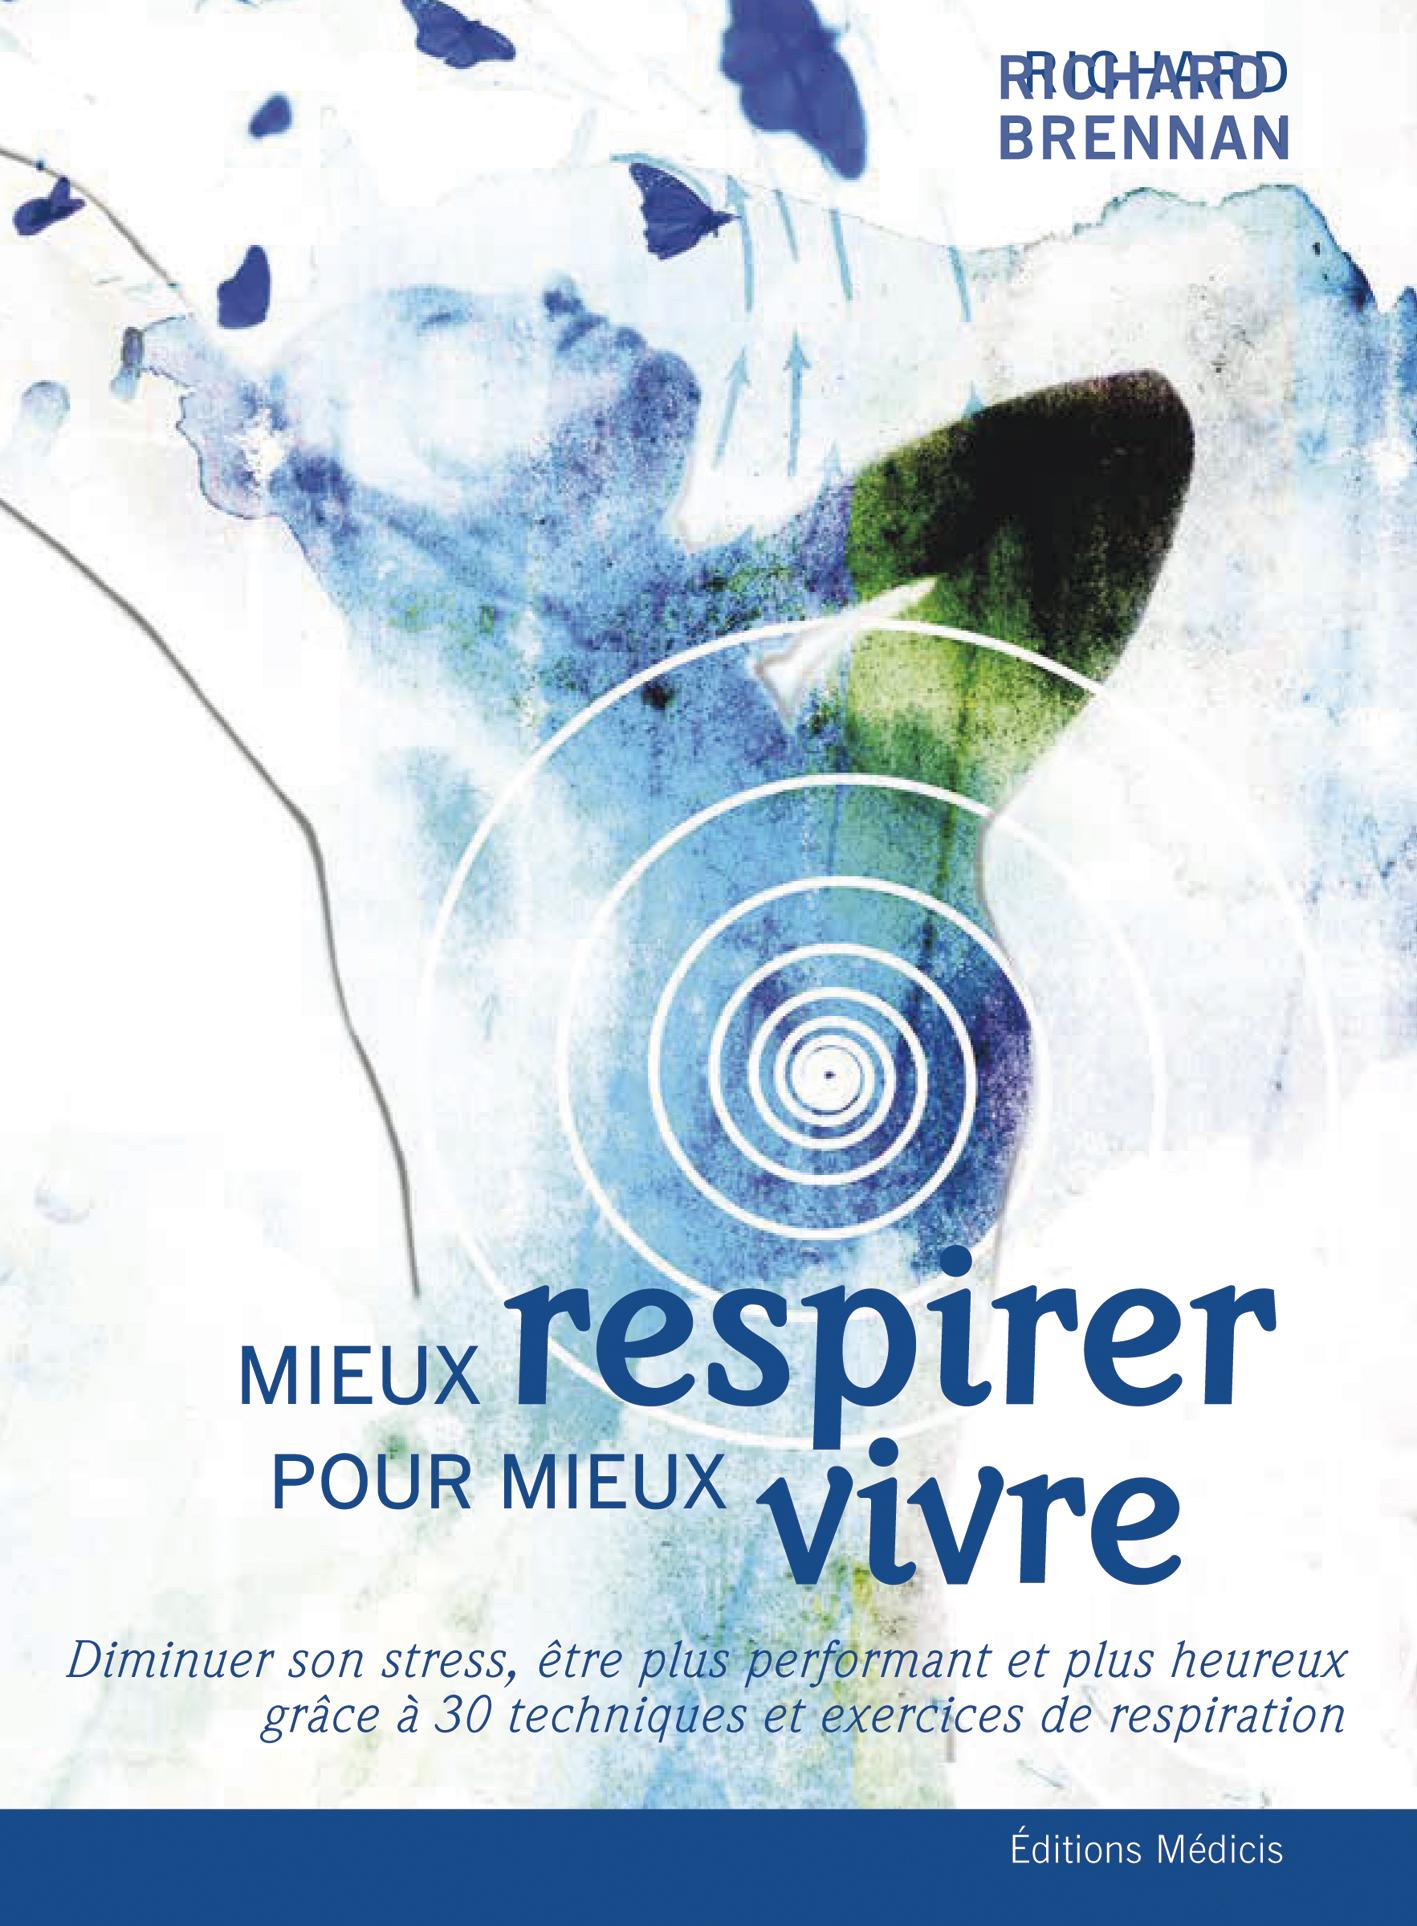 MIEUX RESPIRER POUR MIEUX VIVRE